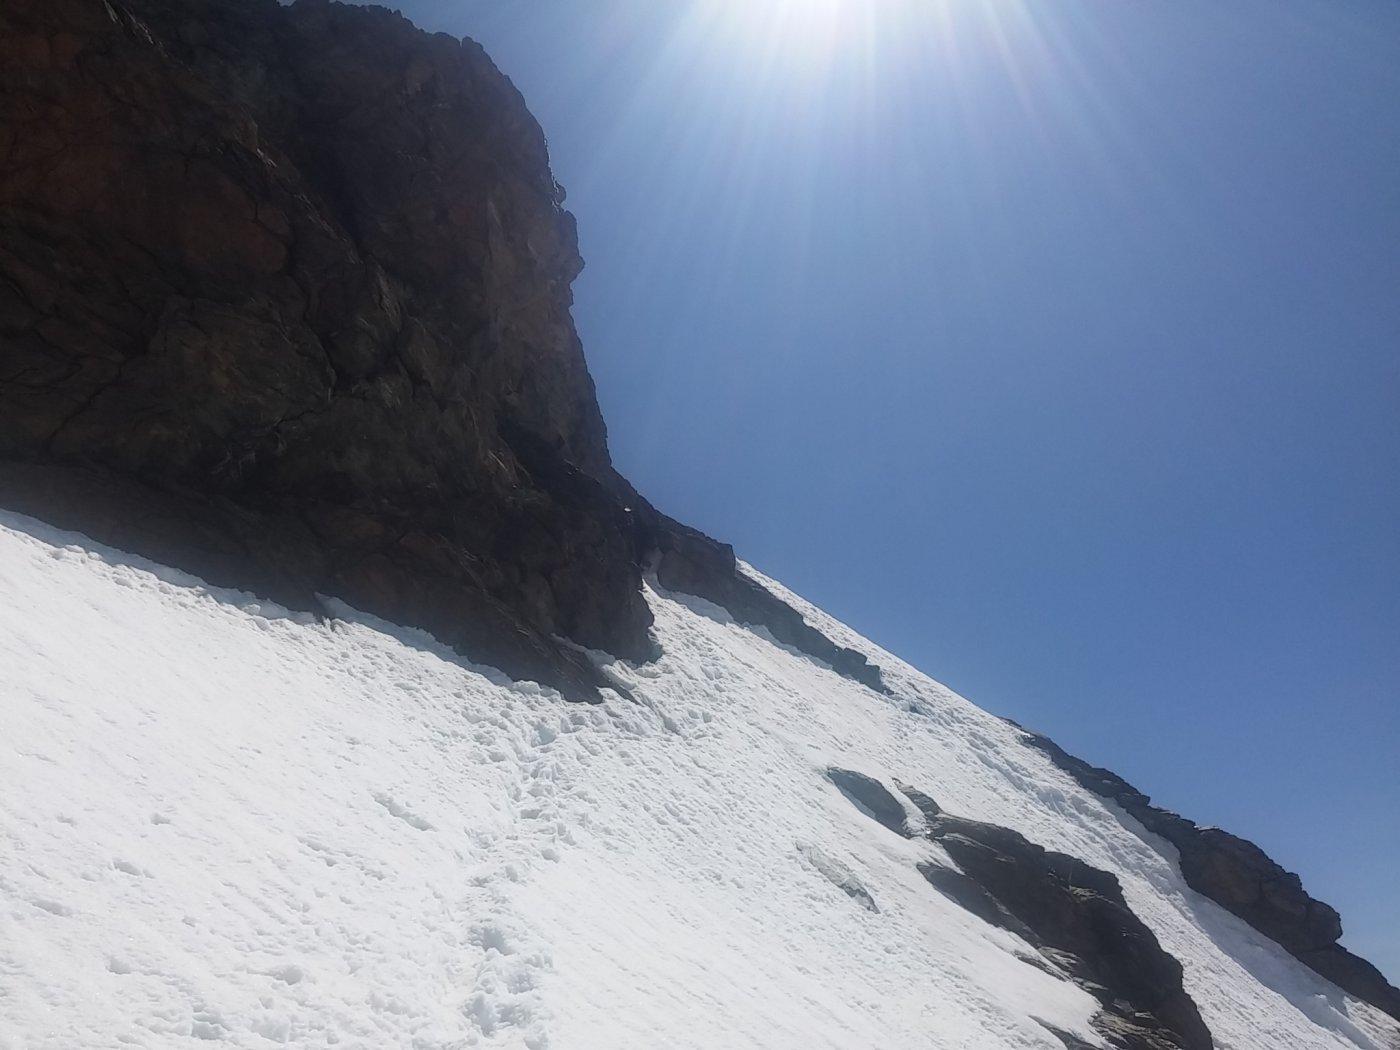 Il camino da salire, dove finiscono le tracce contro la roccia